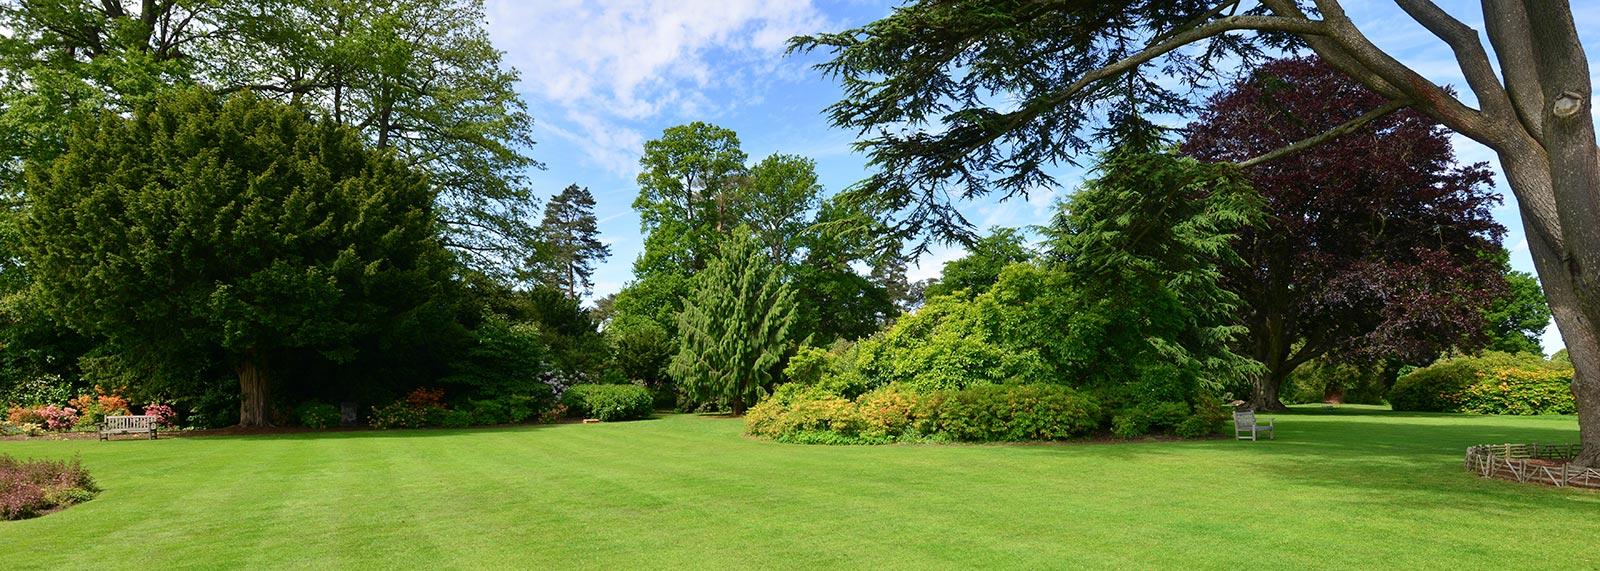 Giardini all 39 inglese dellavalle giardini for Esempi giardino